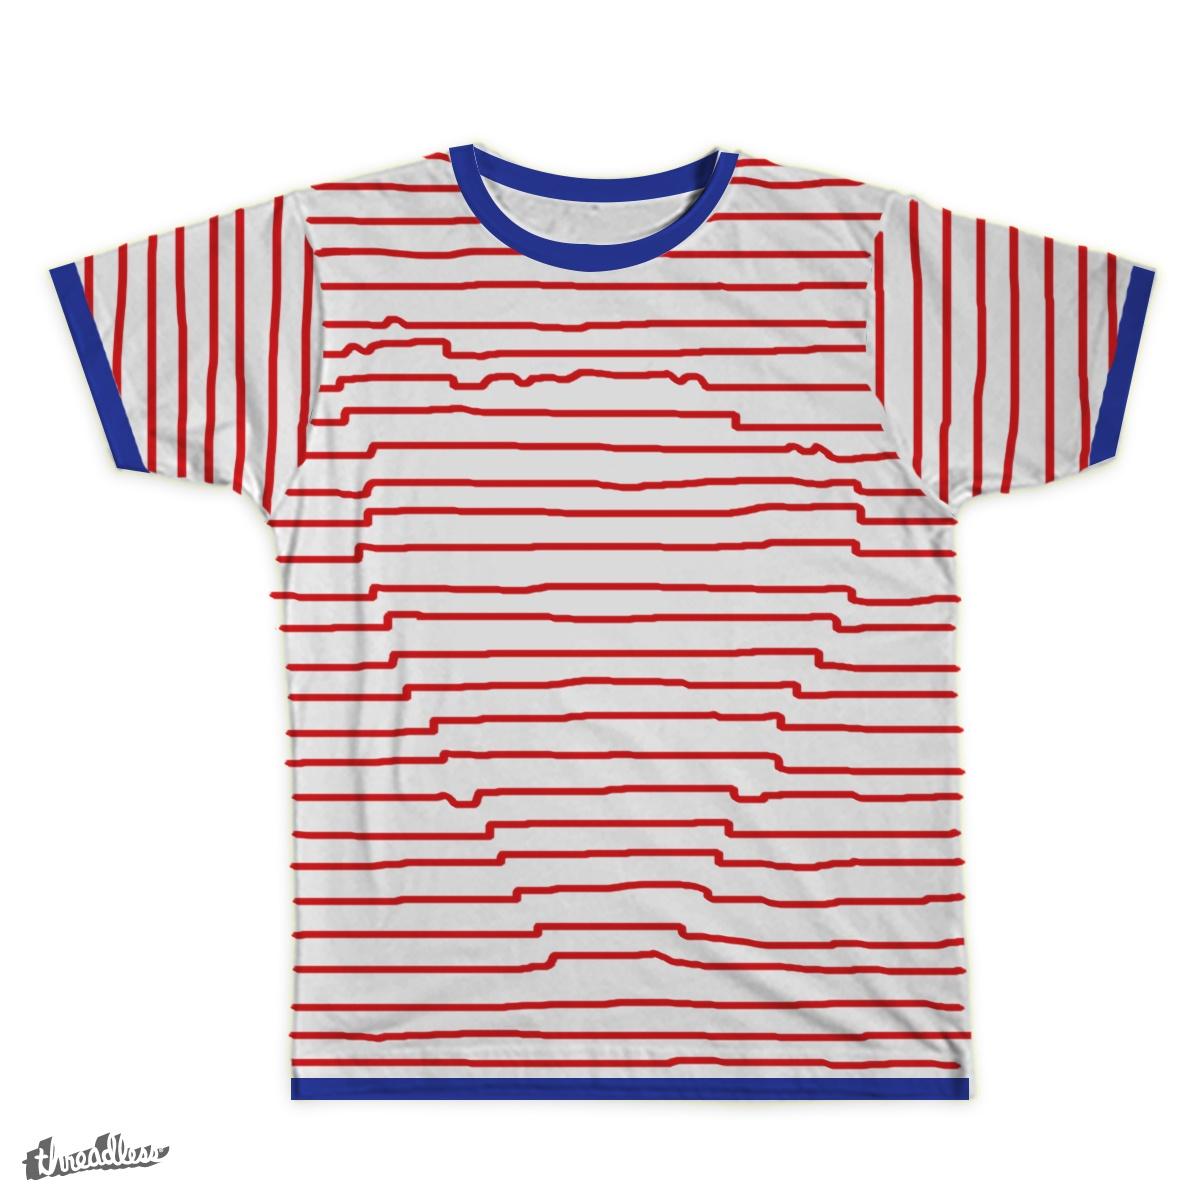 Wally's where? by Eliseanna on Threadless